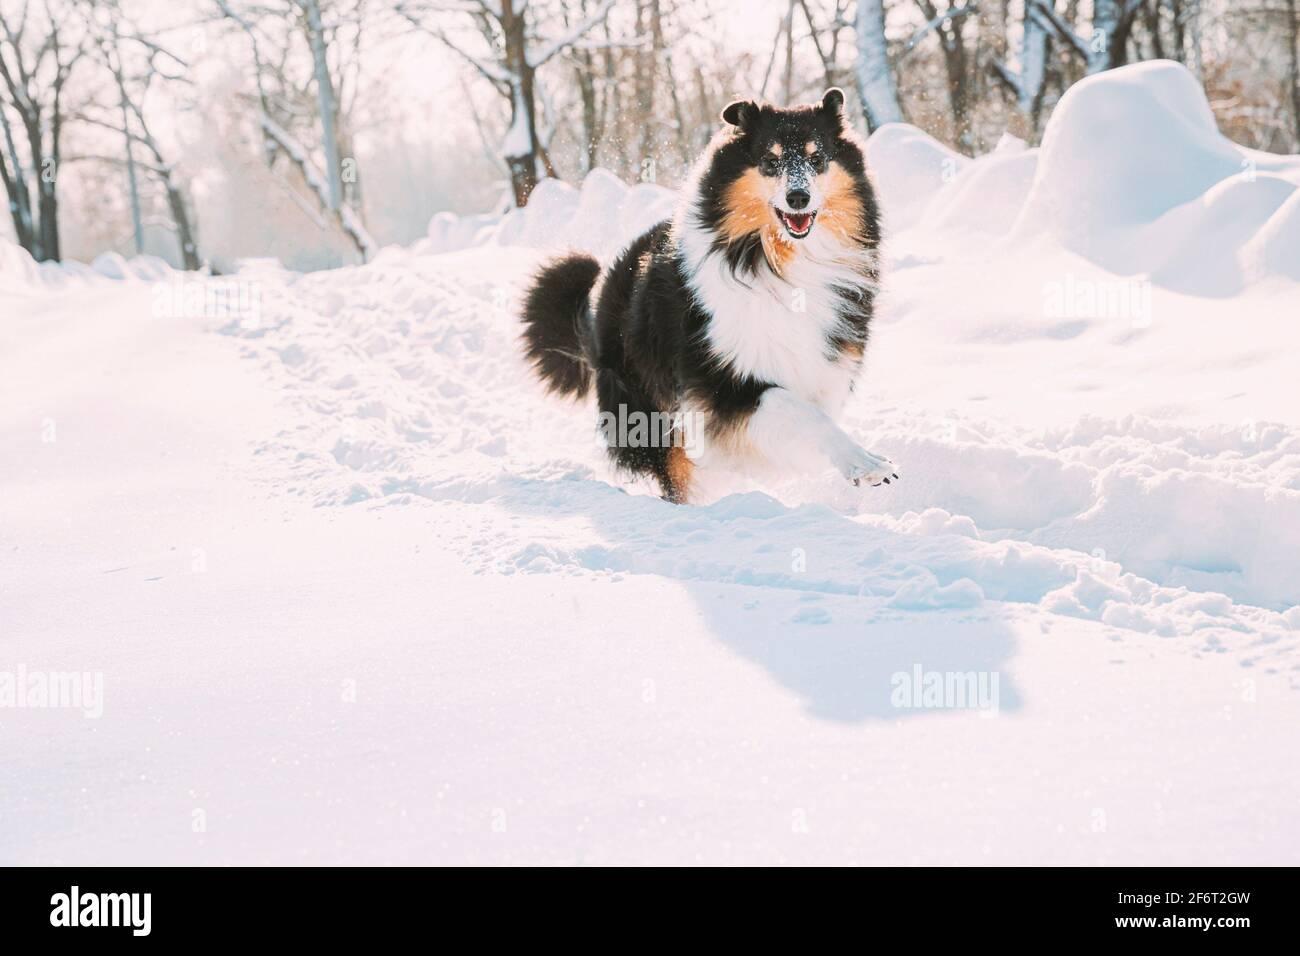 Funny giovane Shetland Sheepdog, Sheltie, Collie ad esecuzione rapida all'aperto nel parco innevato. Giocoso Pet nella foresta d'inverno. Foto Stock